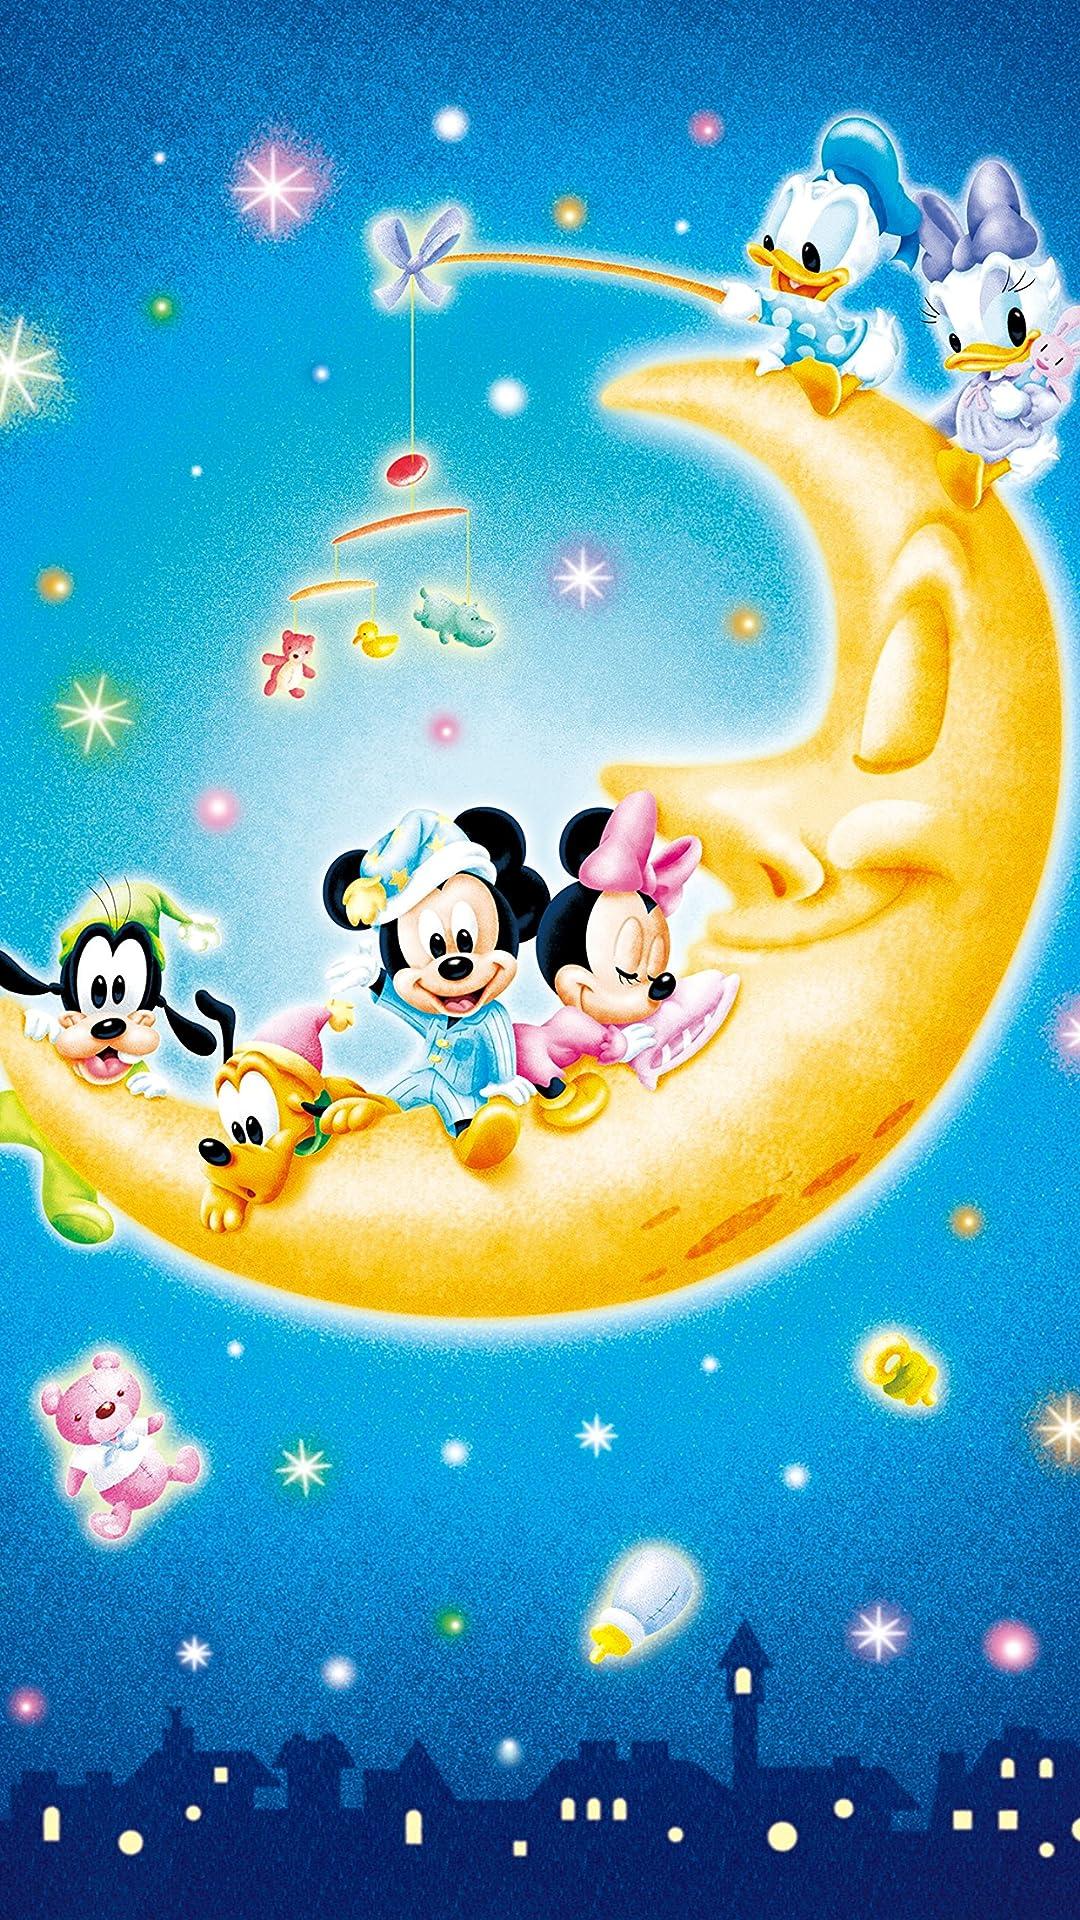 ディズニー お月さまとあそぼ フルhd 1080 19 スマホ壁紙 待受 画像